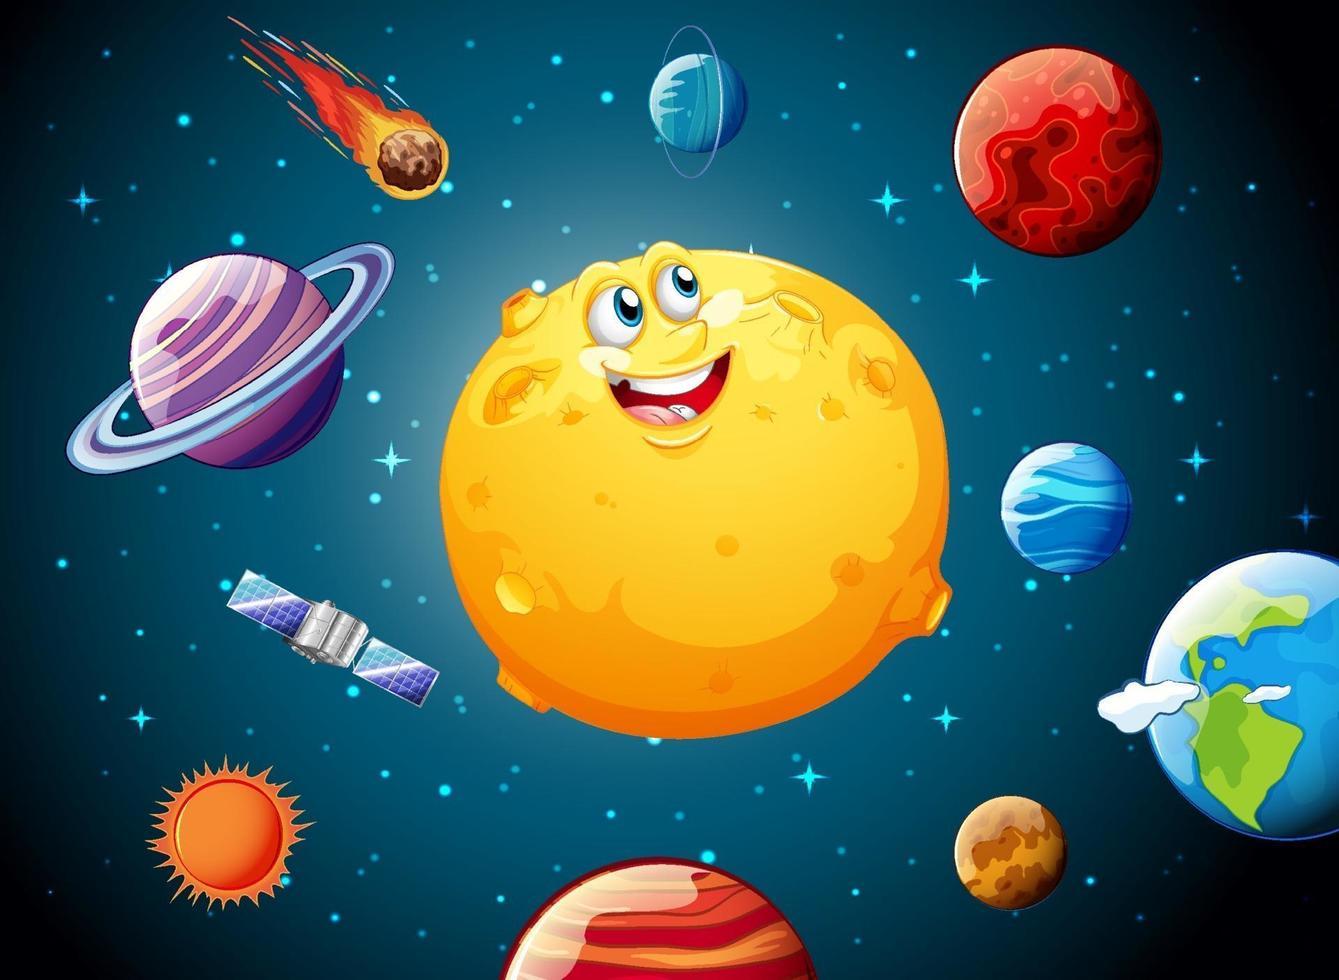 Mond mit glücklichem Gesicht auf Raumgalaxiethemahintergrund vektor